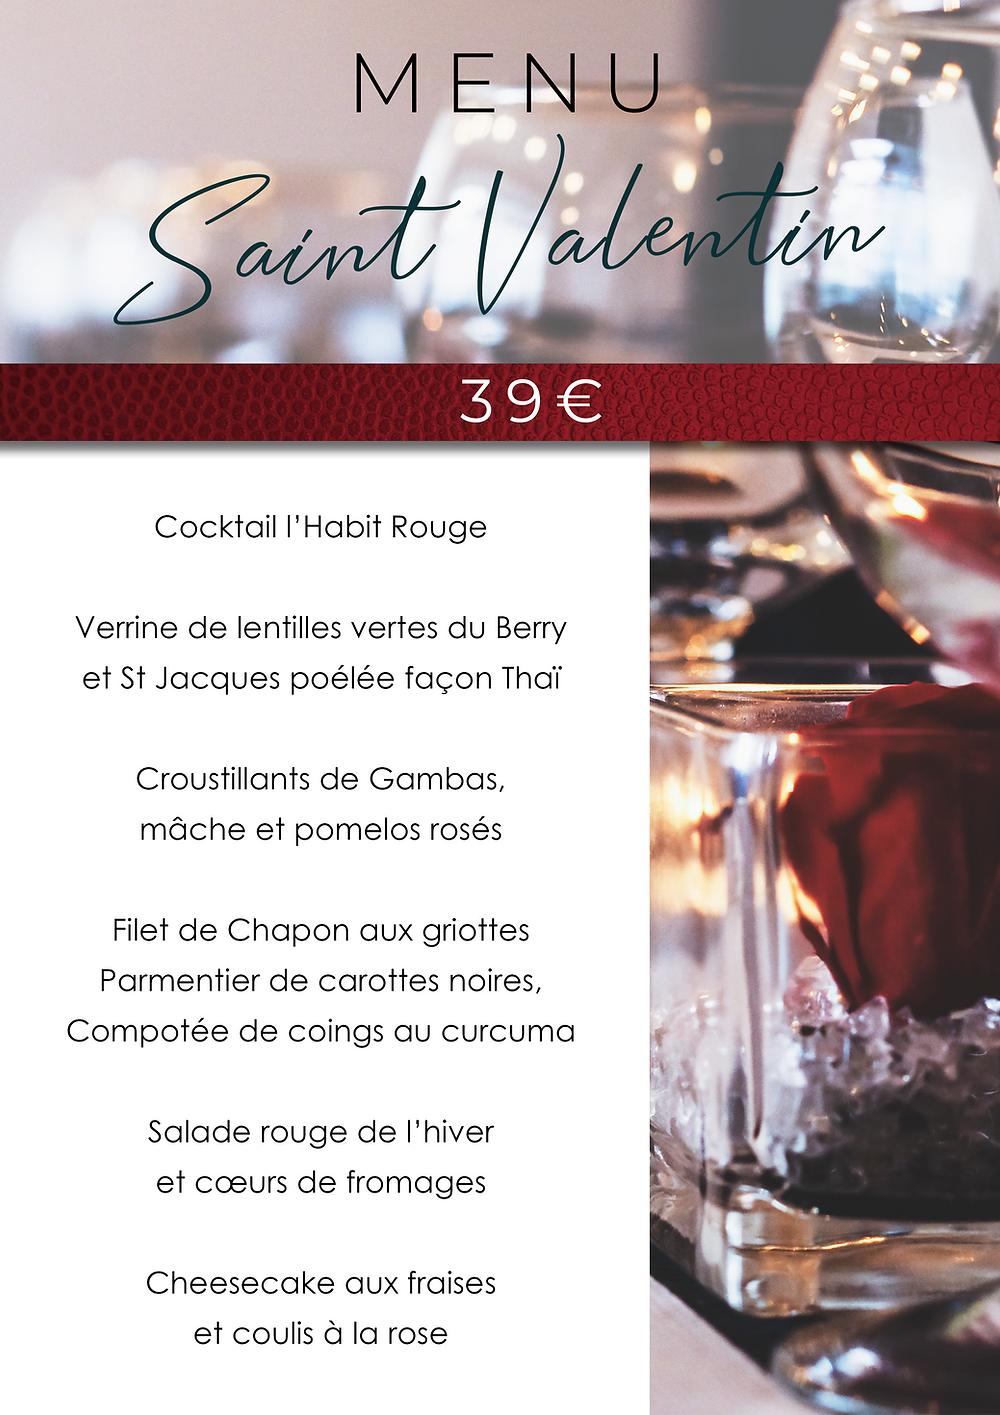 Menu Saint Valentin / Restaurant / La Charité sur loire